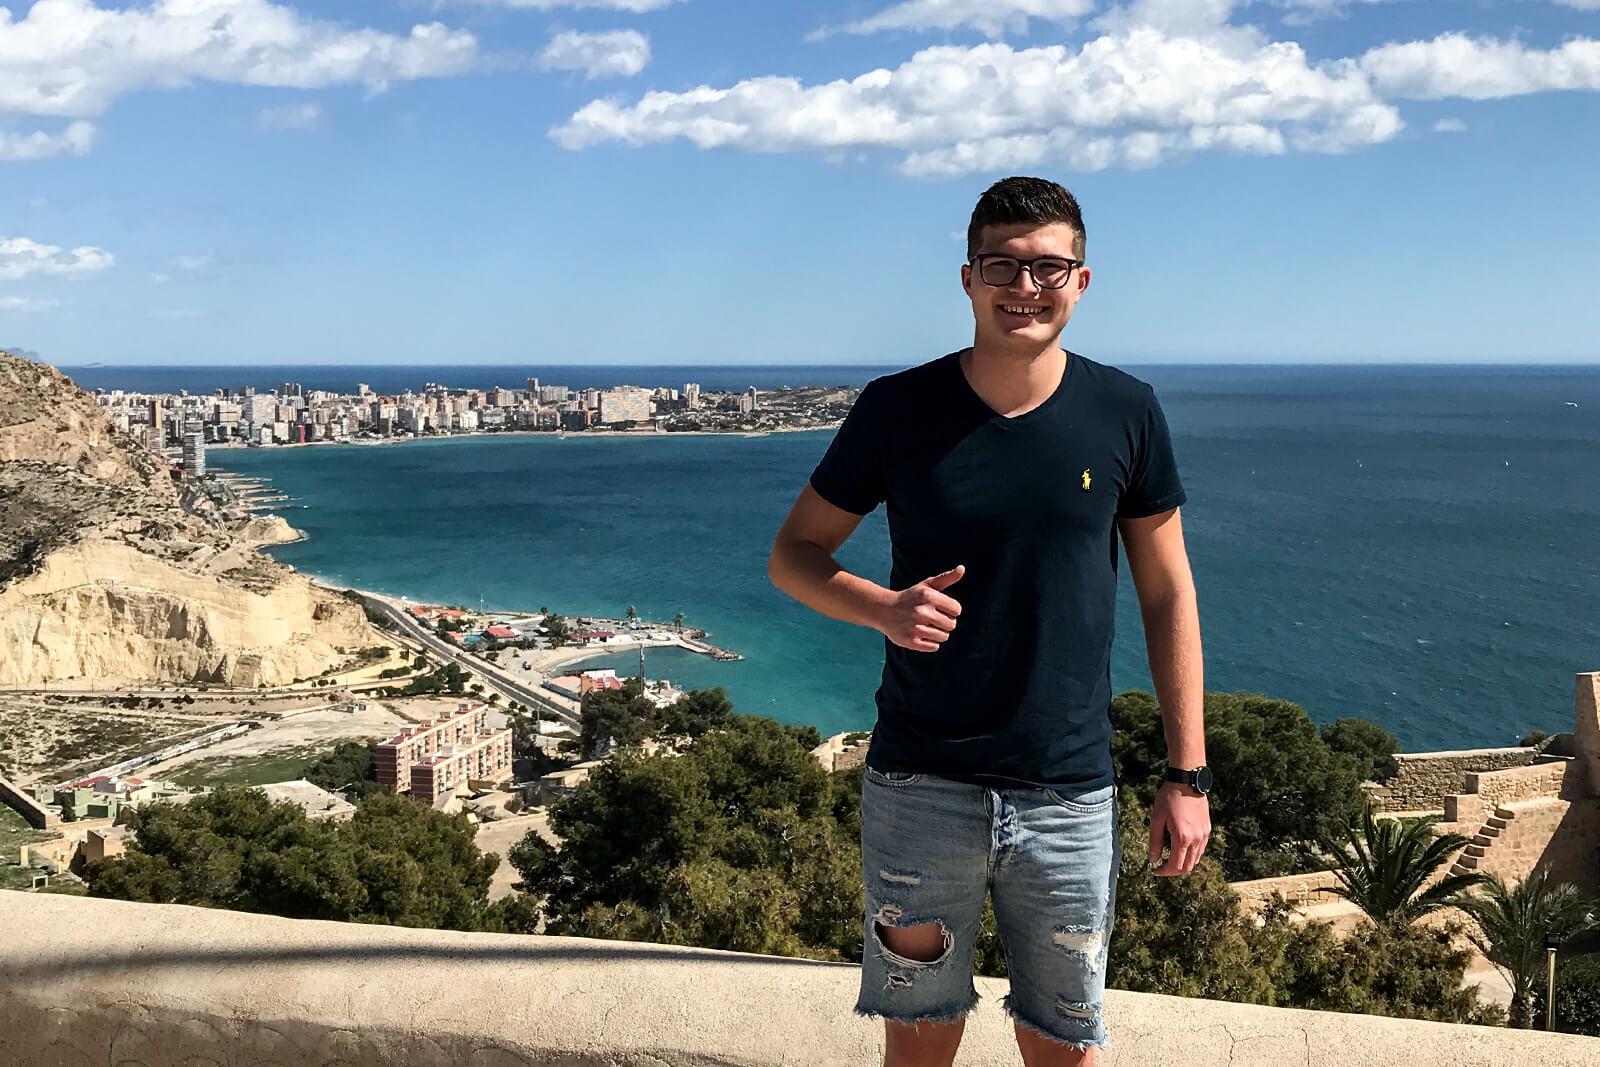 Mein Auslandspraktikum in Alicante